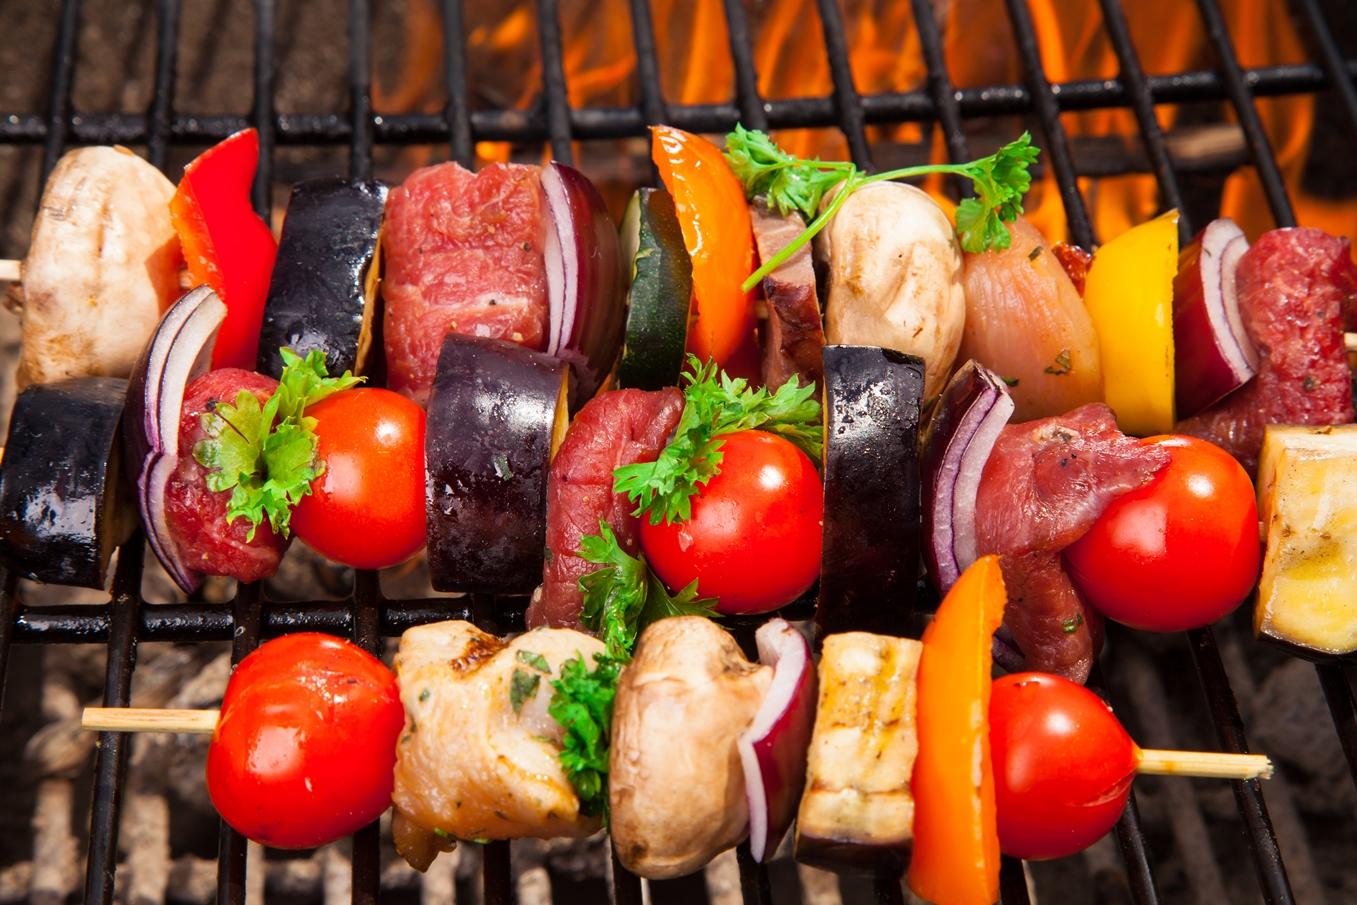 Food Safe Recipes for Summer